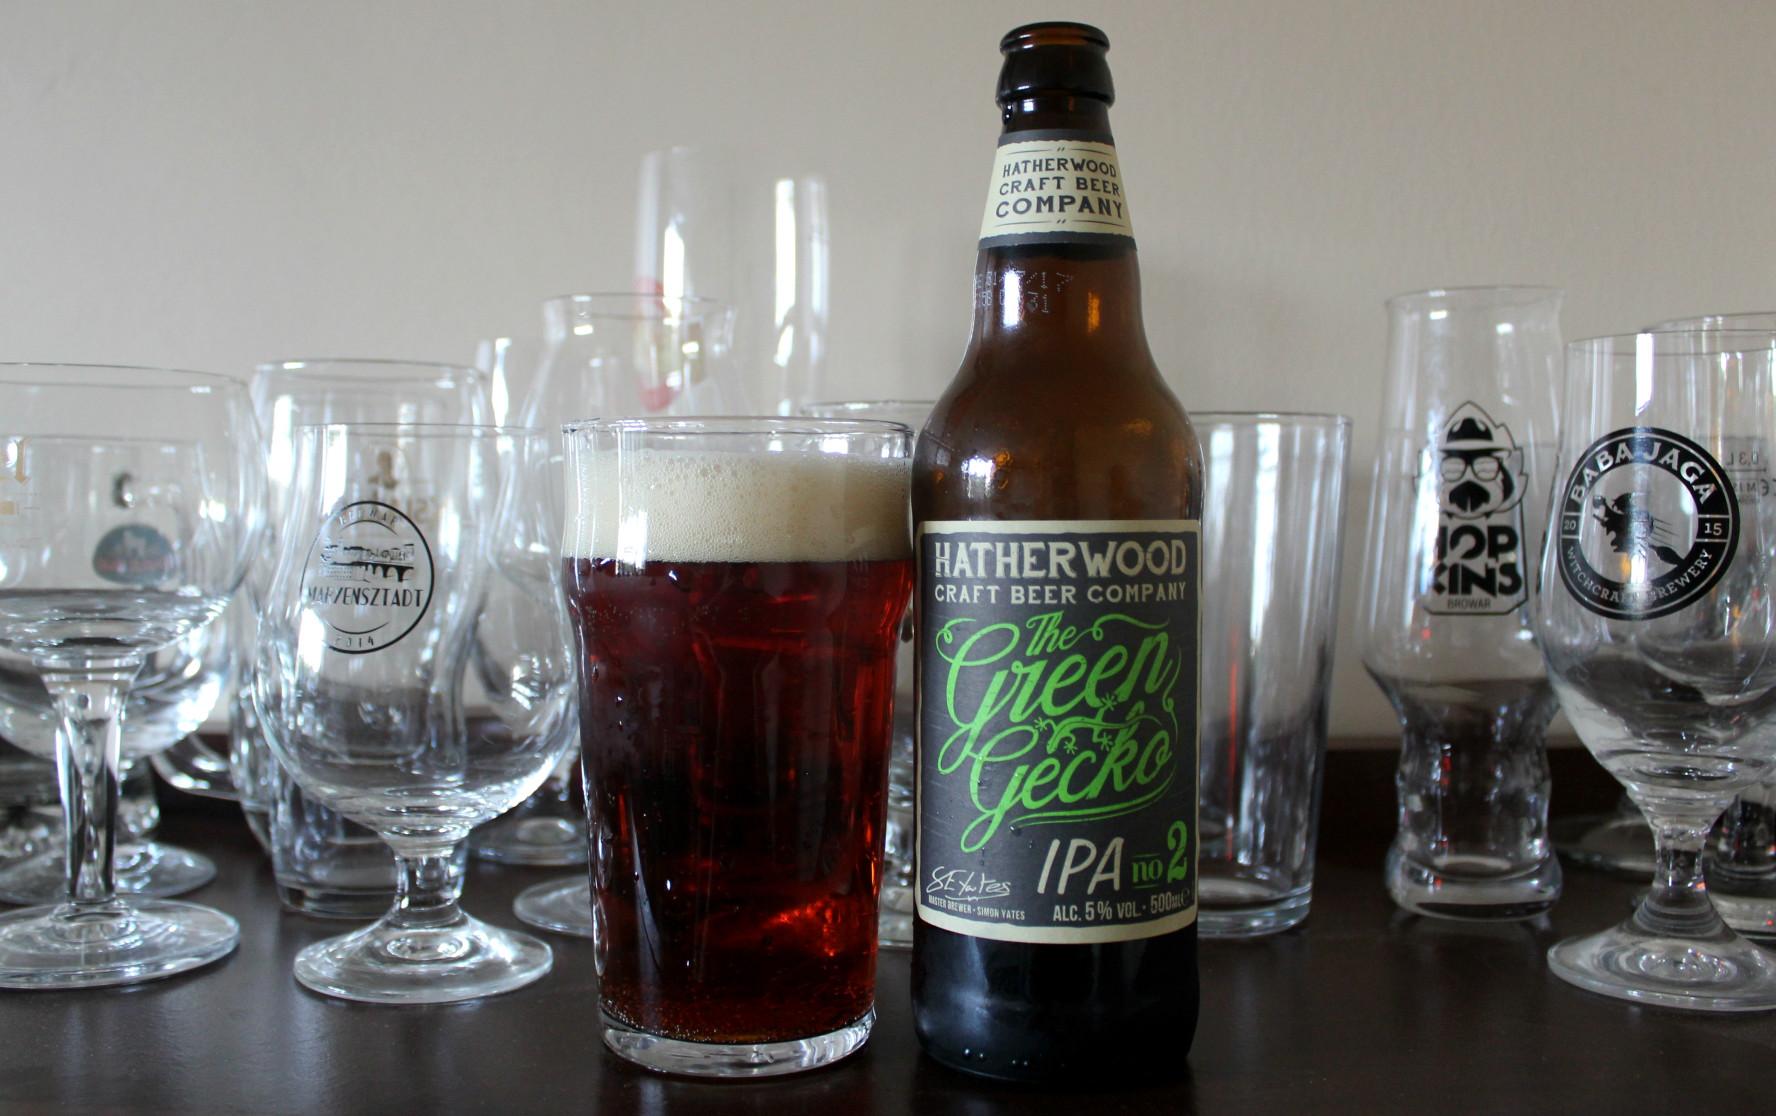 lidl-hatherwood-green-hecko-ipa